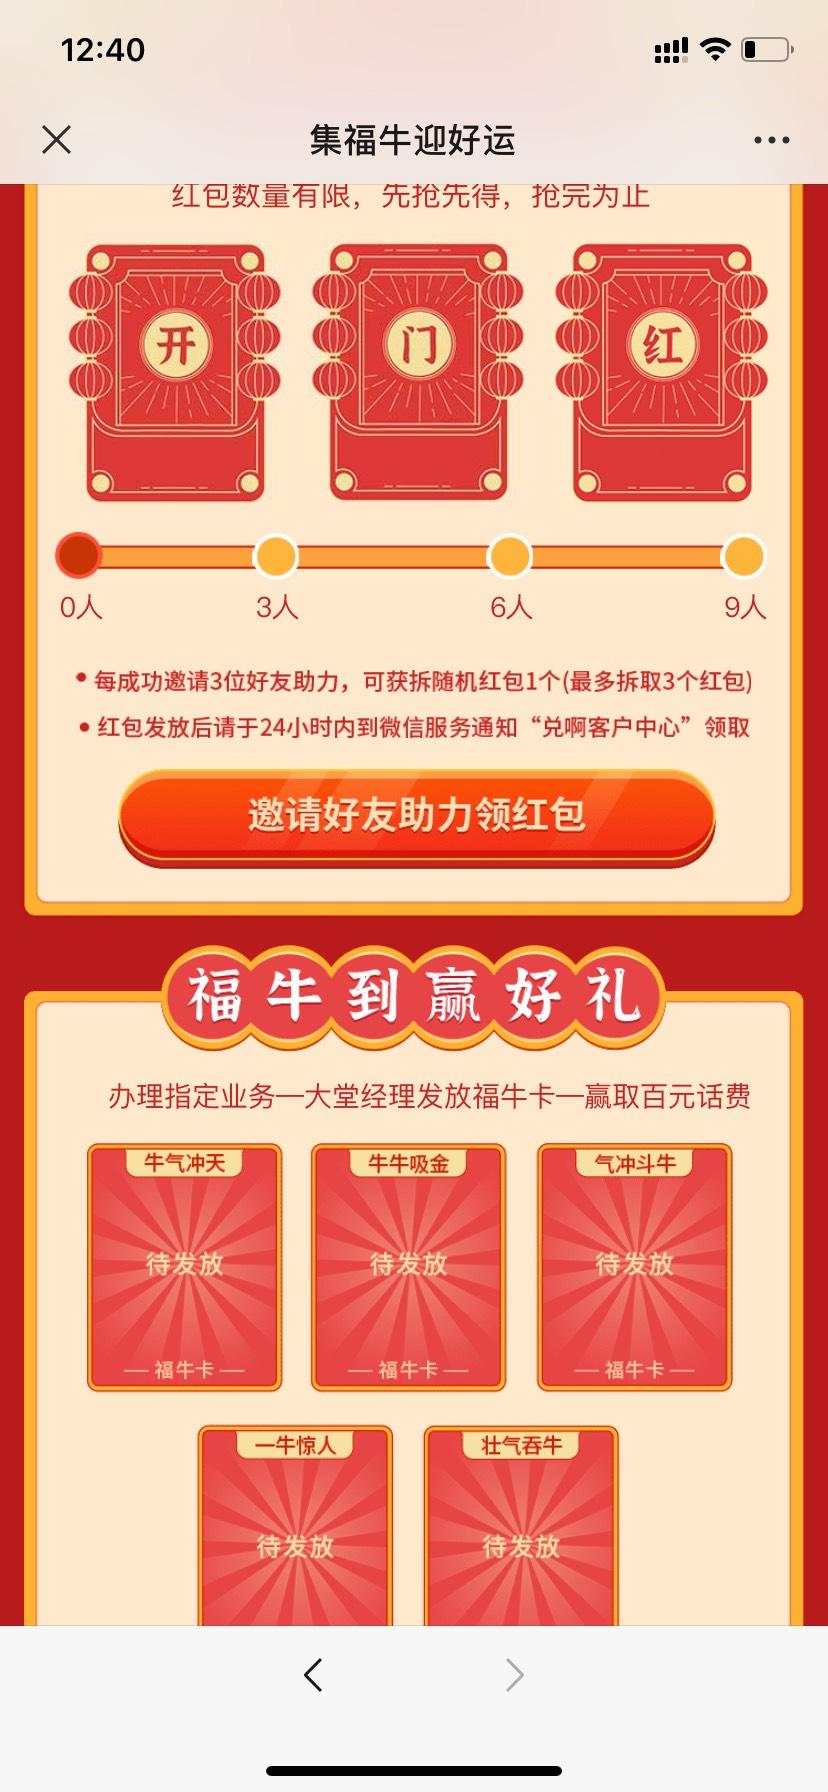 成都银行集福领微信红包插图1